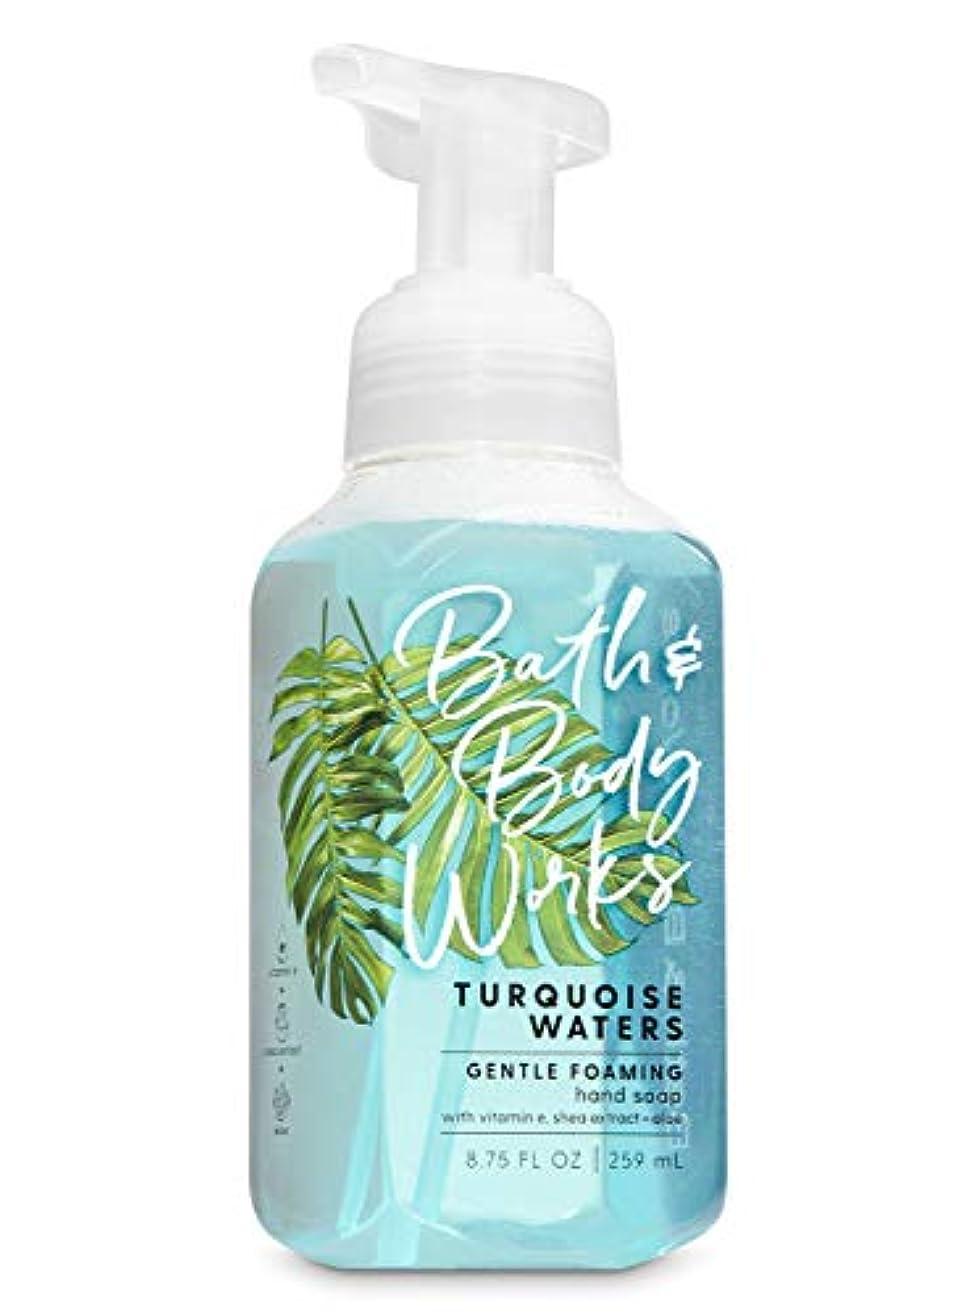 階下クラウン暗記するバス&ボディワークス ターコイズウォーター ジェントル フォーミング ハンドソープ Turquoise Waters Gentle Foaming Hand Soap